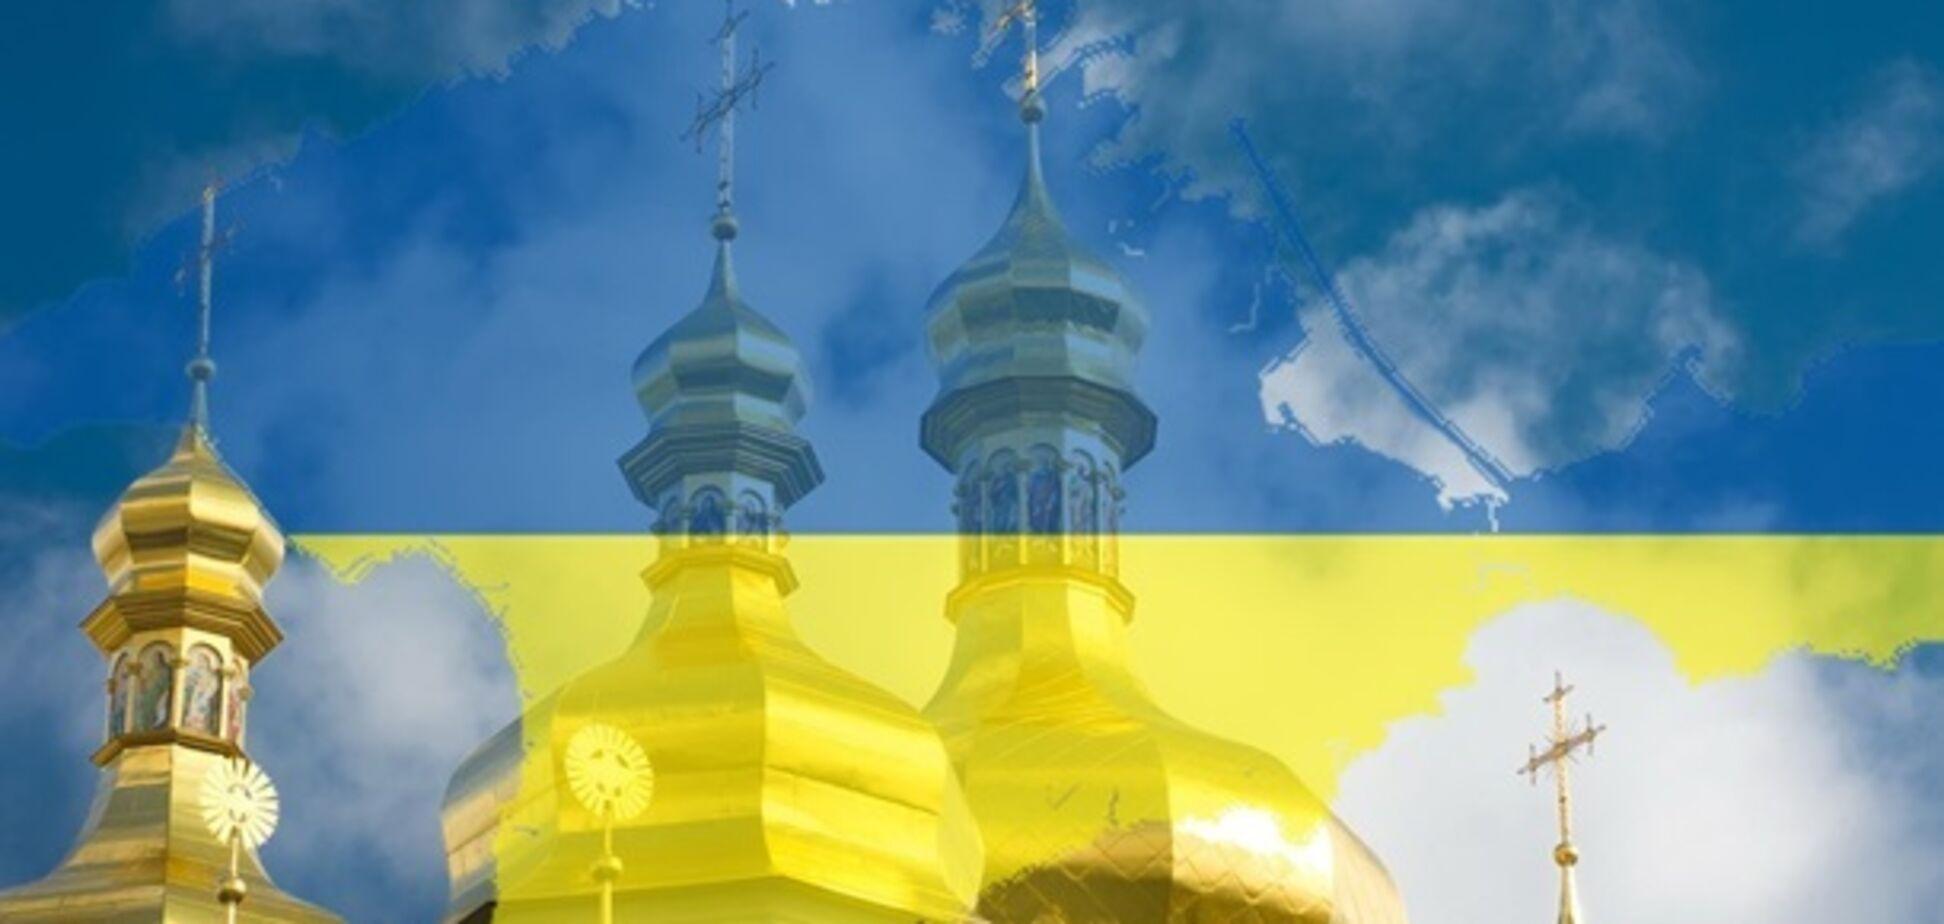 РПЦ аннексировала Киевскую церковь